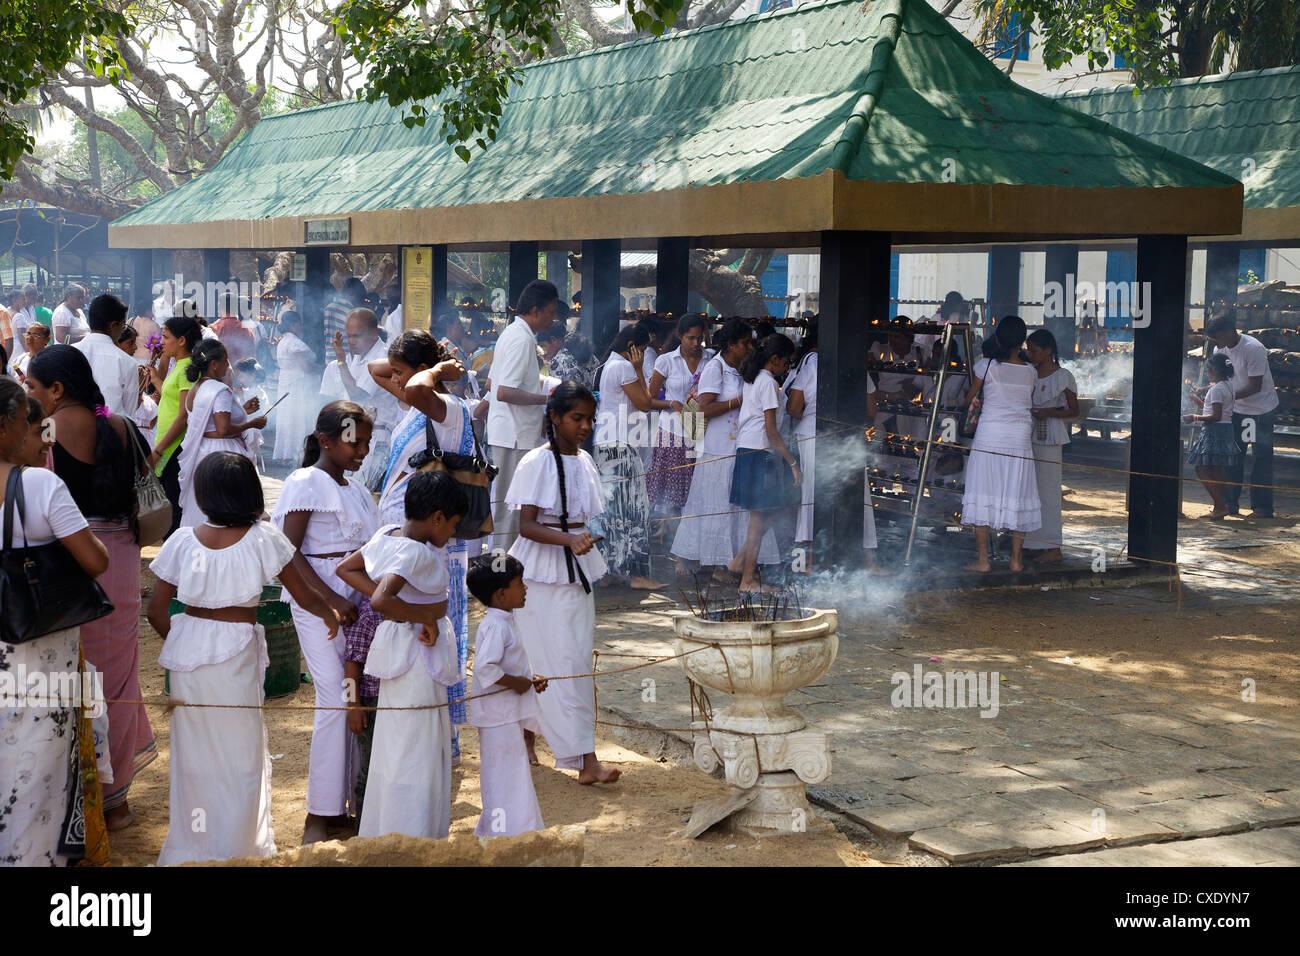 Buddhist pilgrims, Sri Maha Bodhi, sacred bodhi tree planted in 249 BC Unesco World Heritage Site, Anuradhapura, Stock Photo